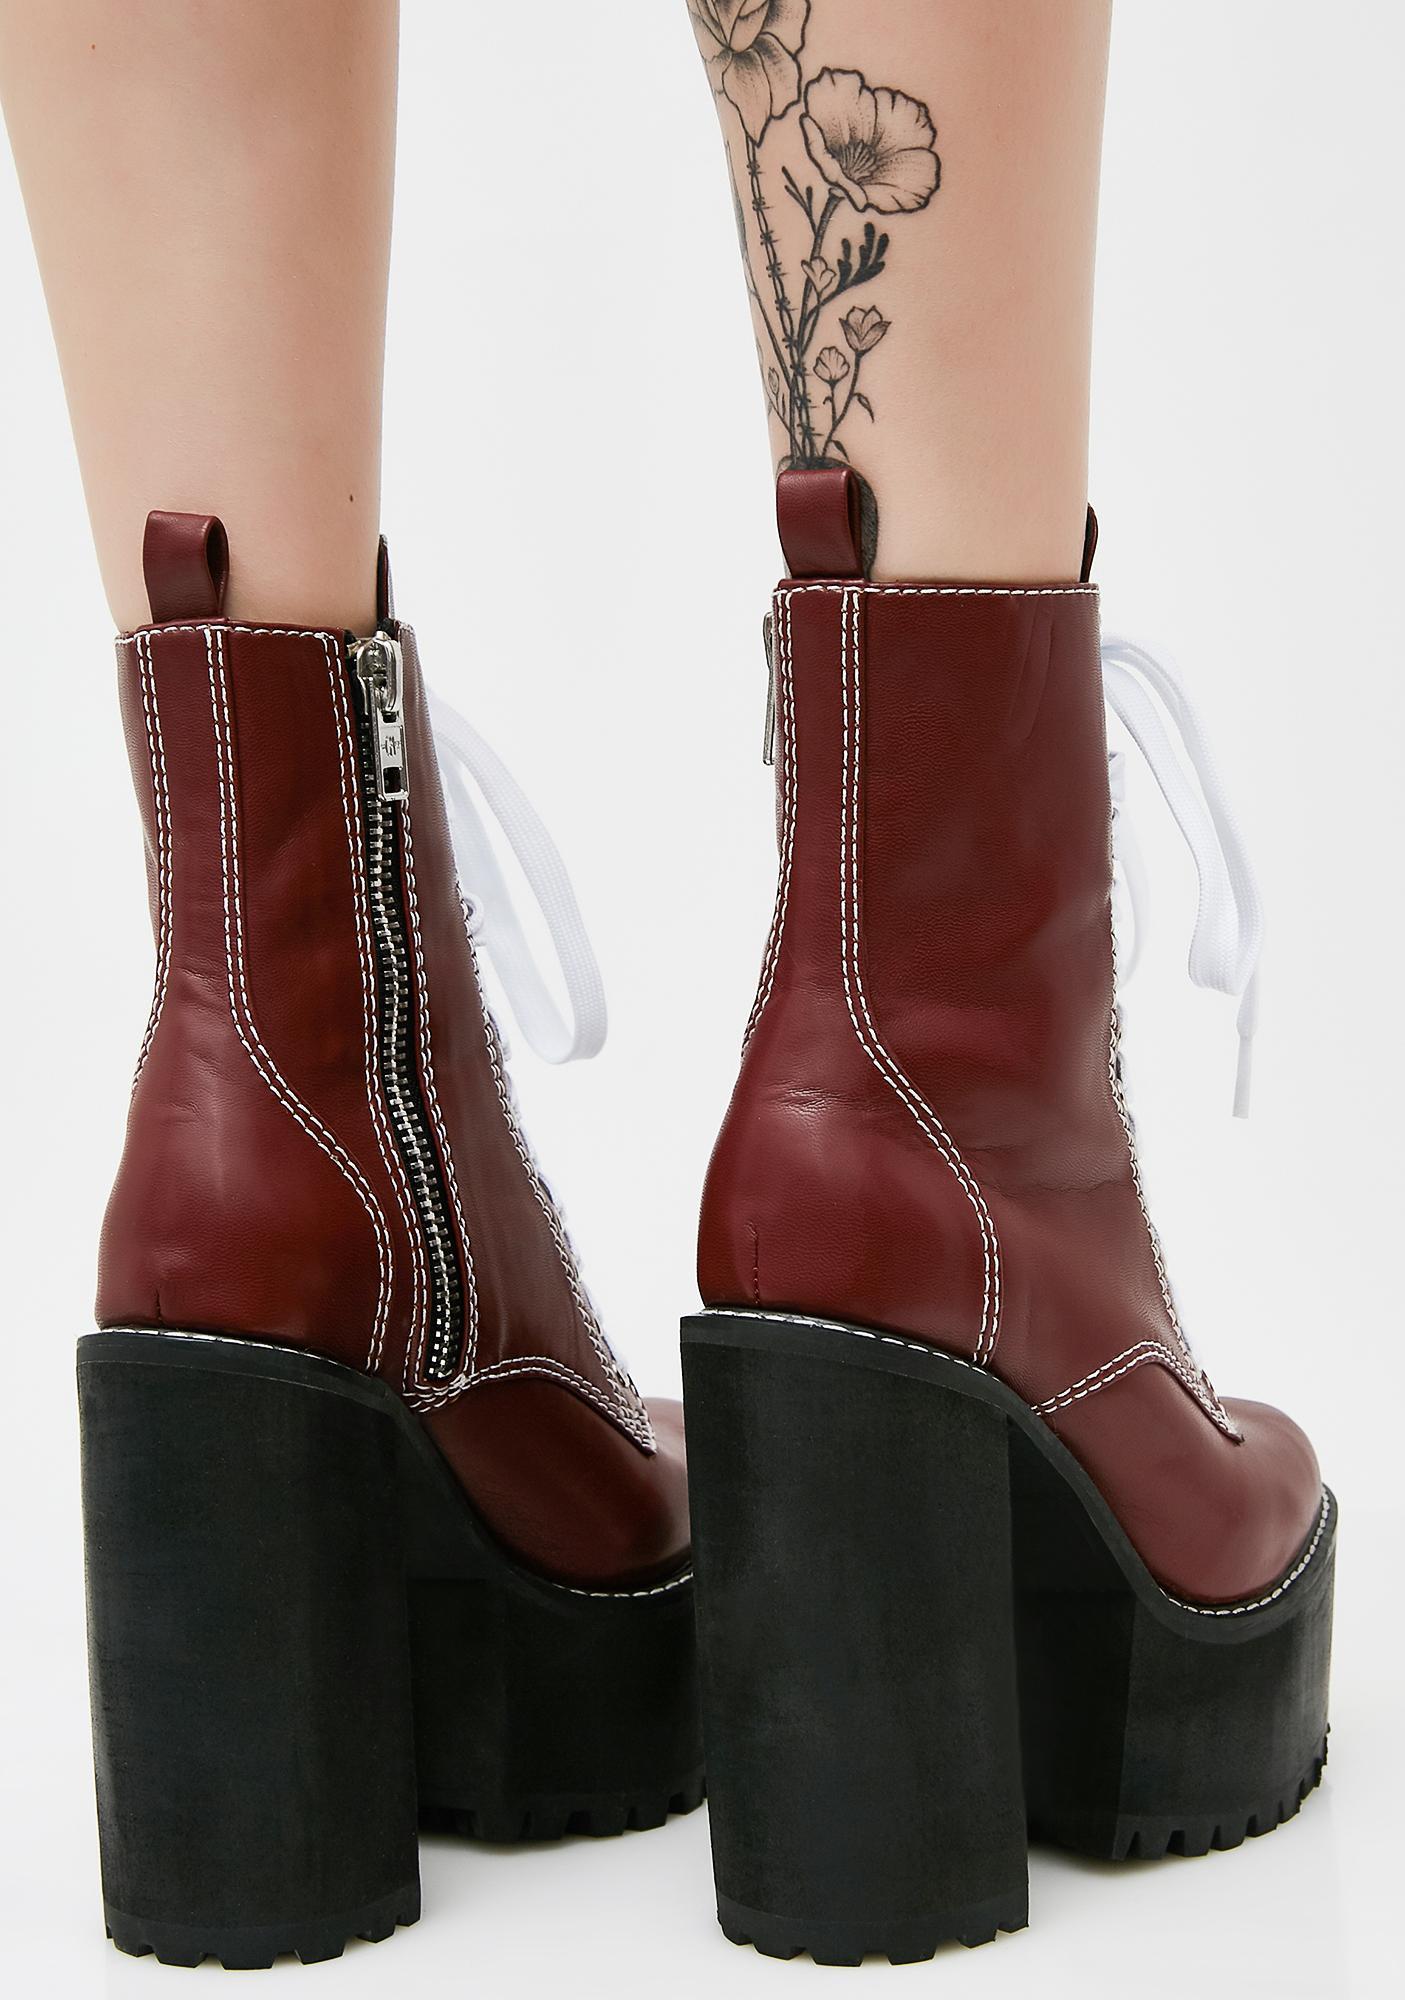 Current Mood Brick Low Nancy Boots